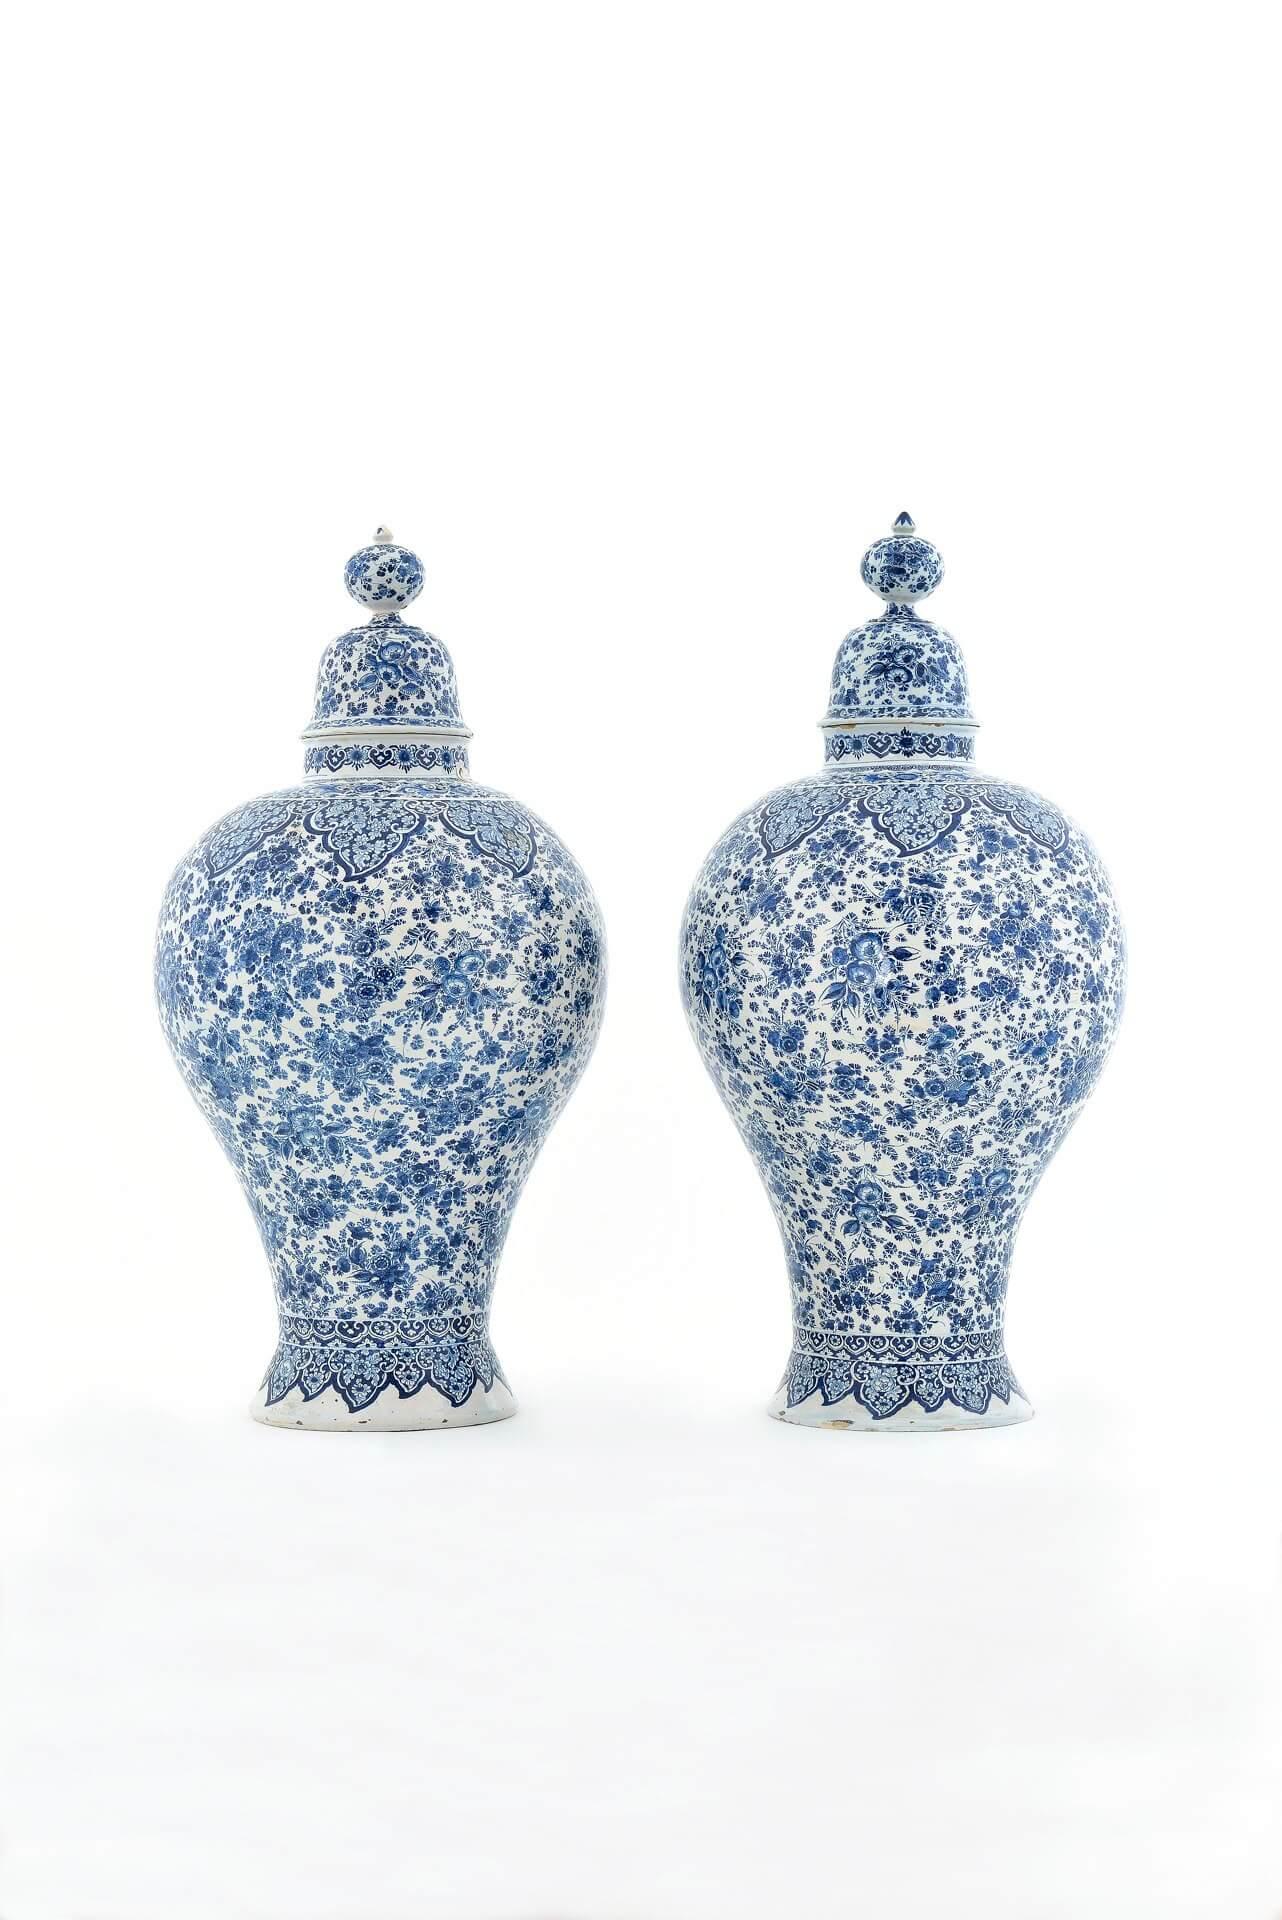 Antique delftware balluster form vases